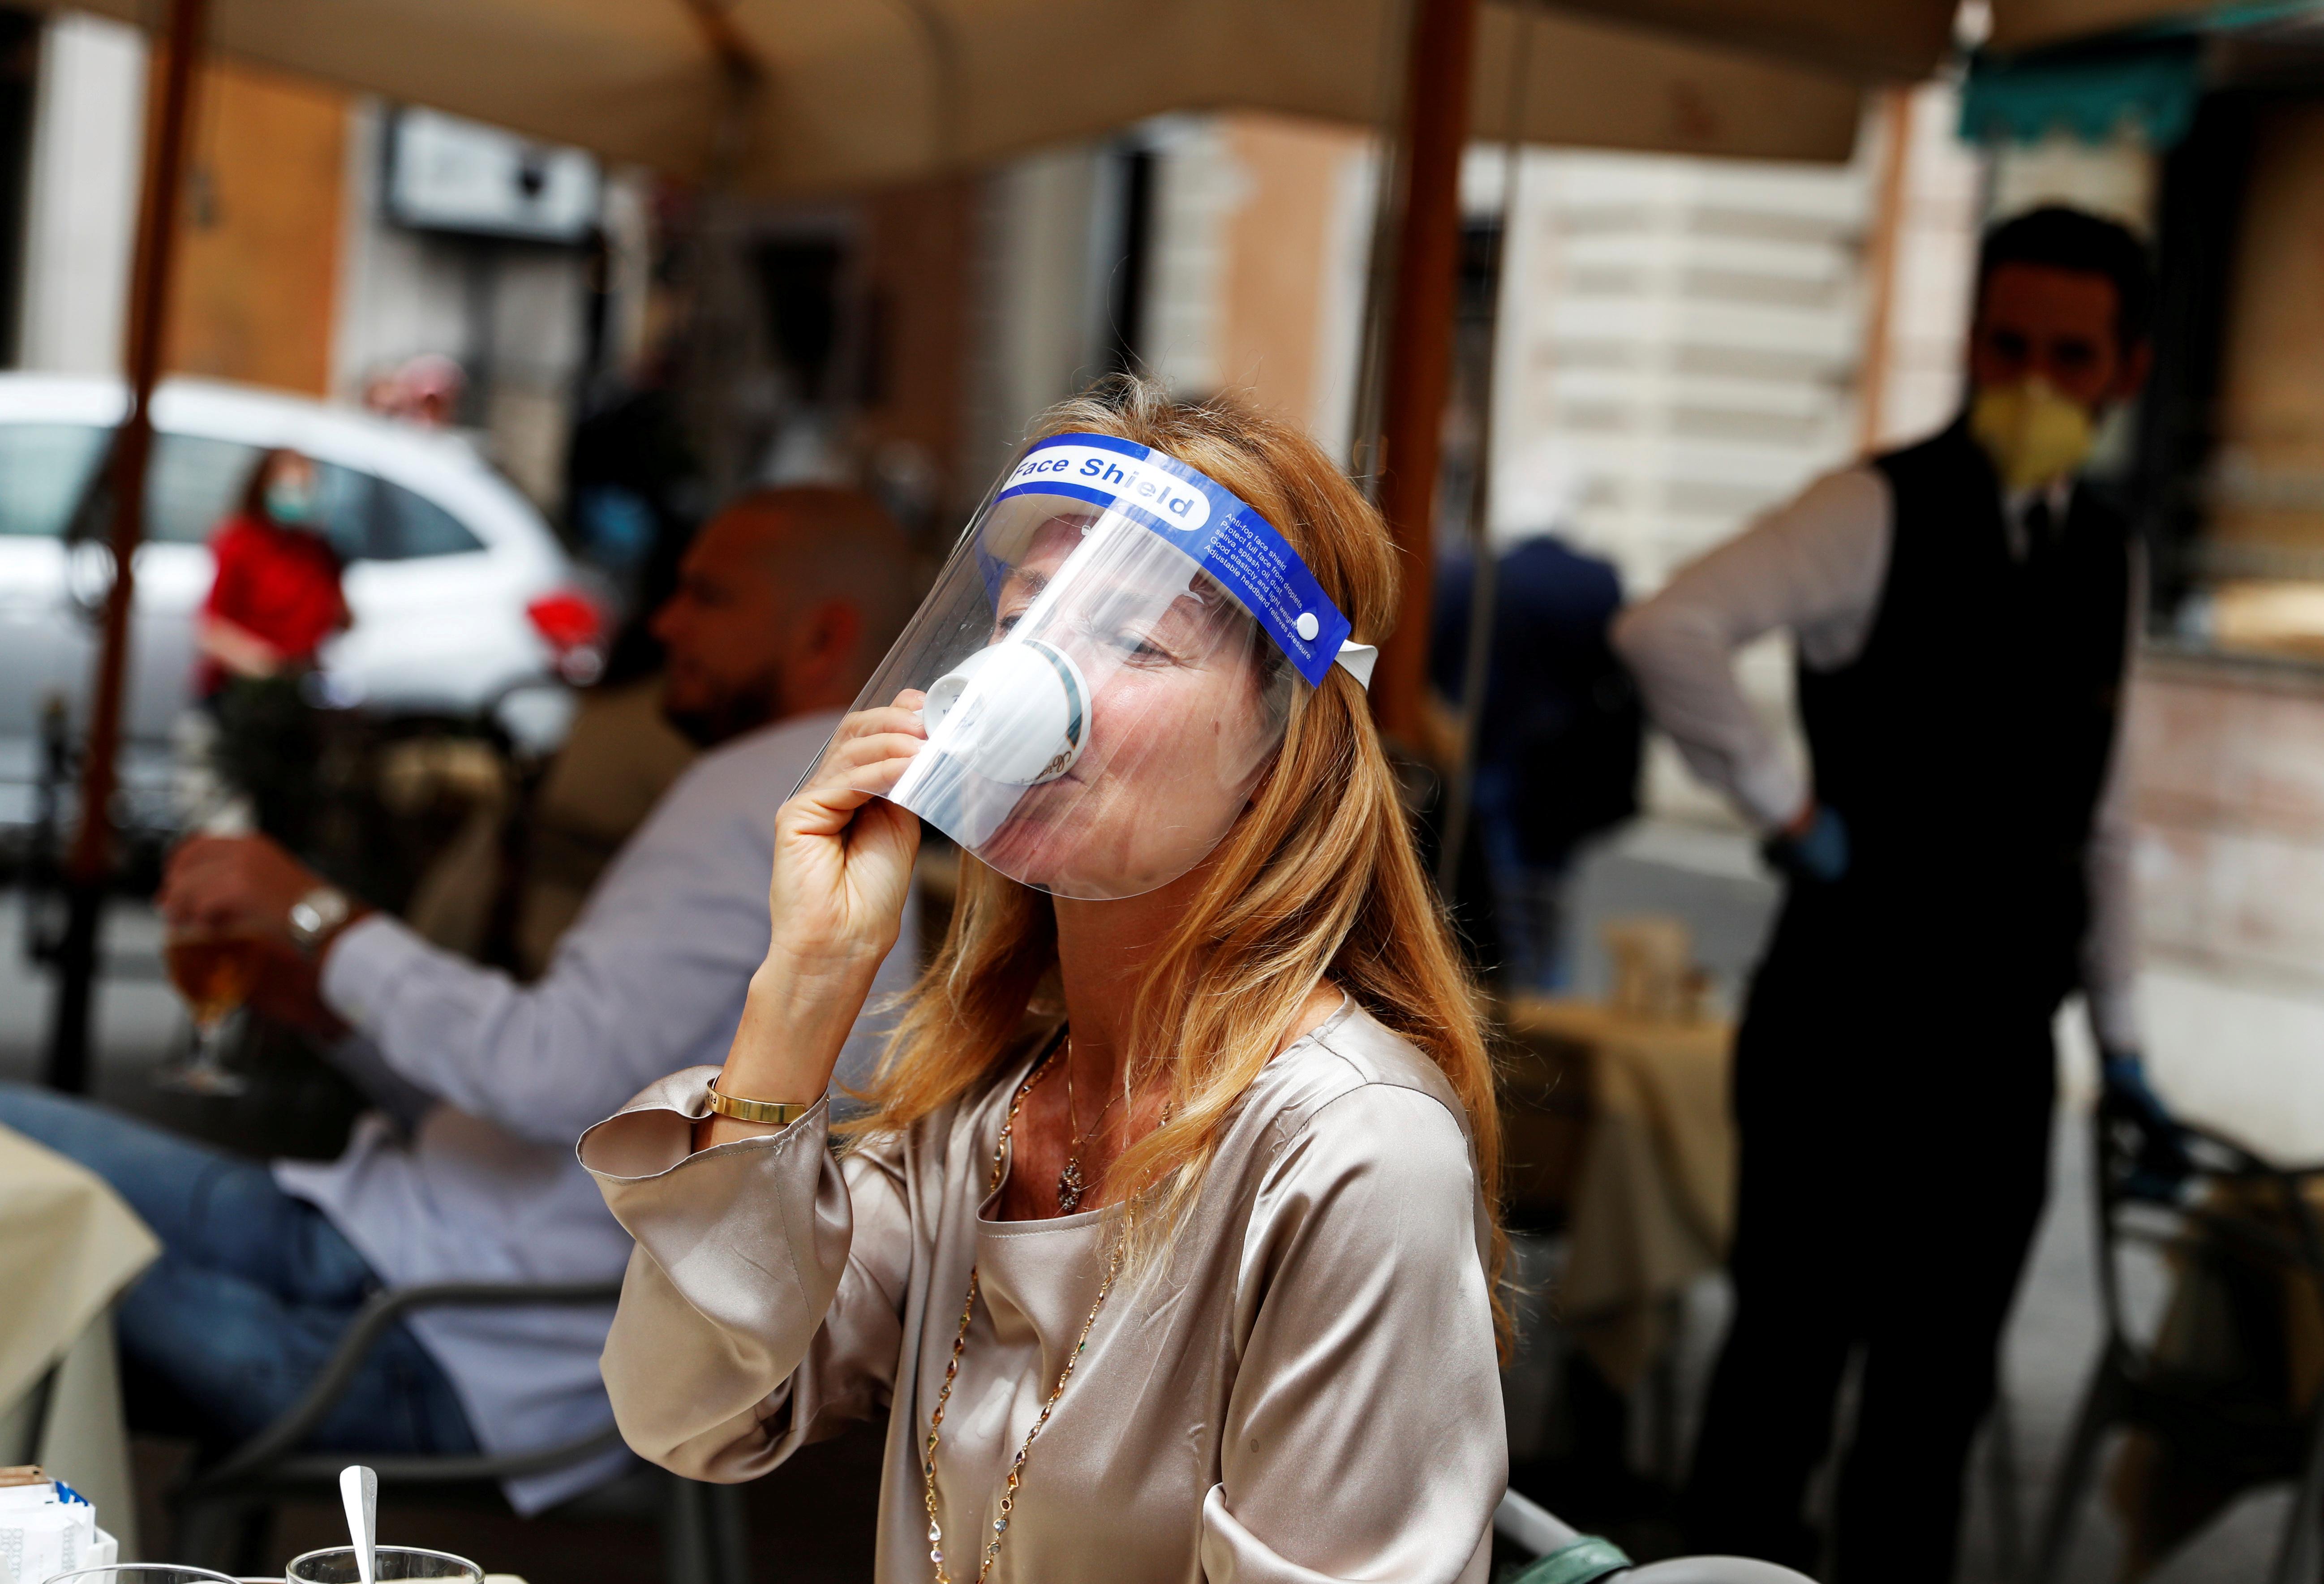 Una mujer con una máscara protectora toma un café en un bar de Roma este lunes (Reuters/ Yara Nardi)